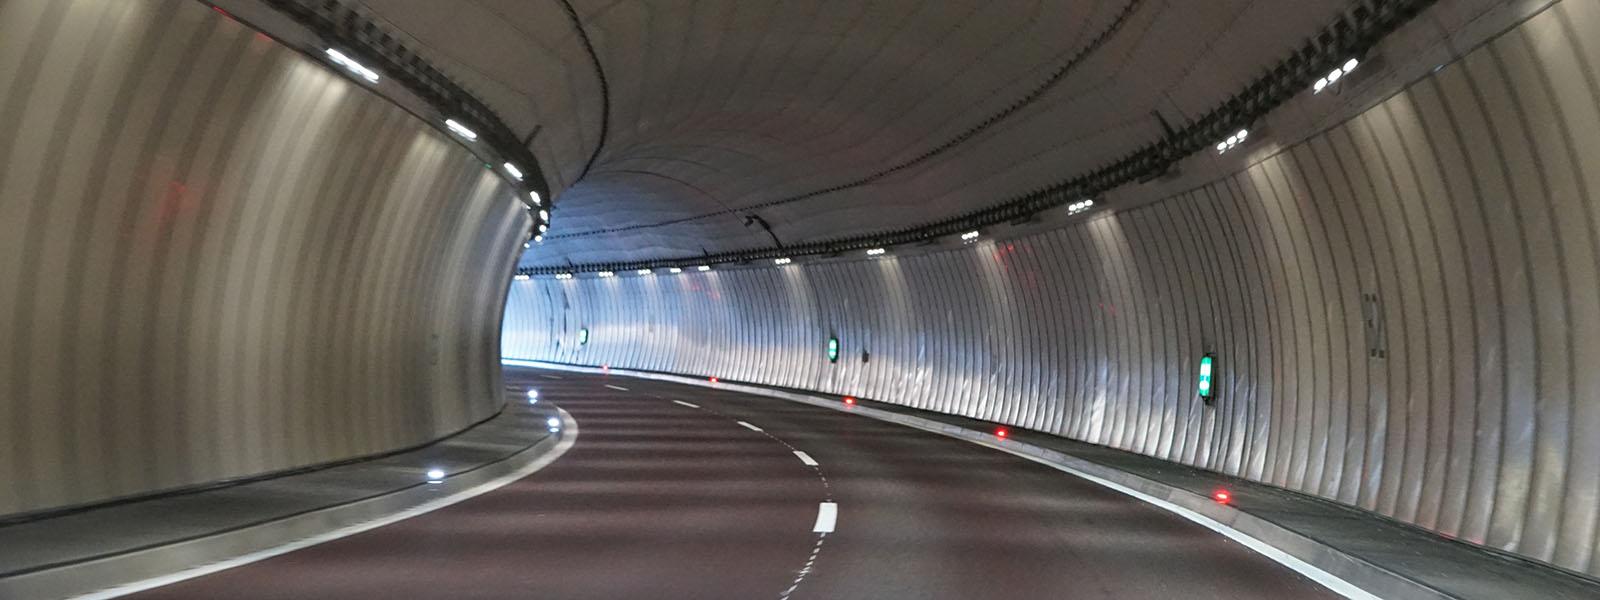 Autobahn Tunnel